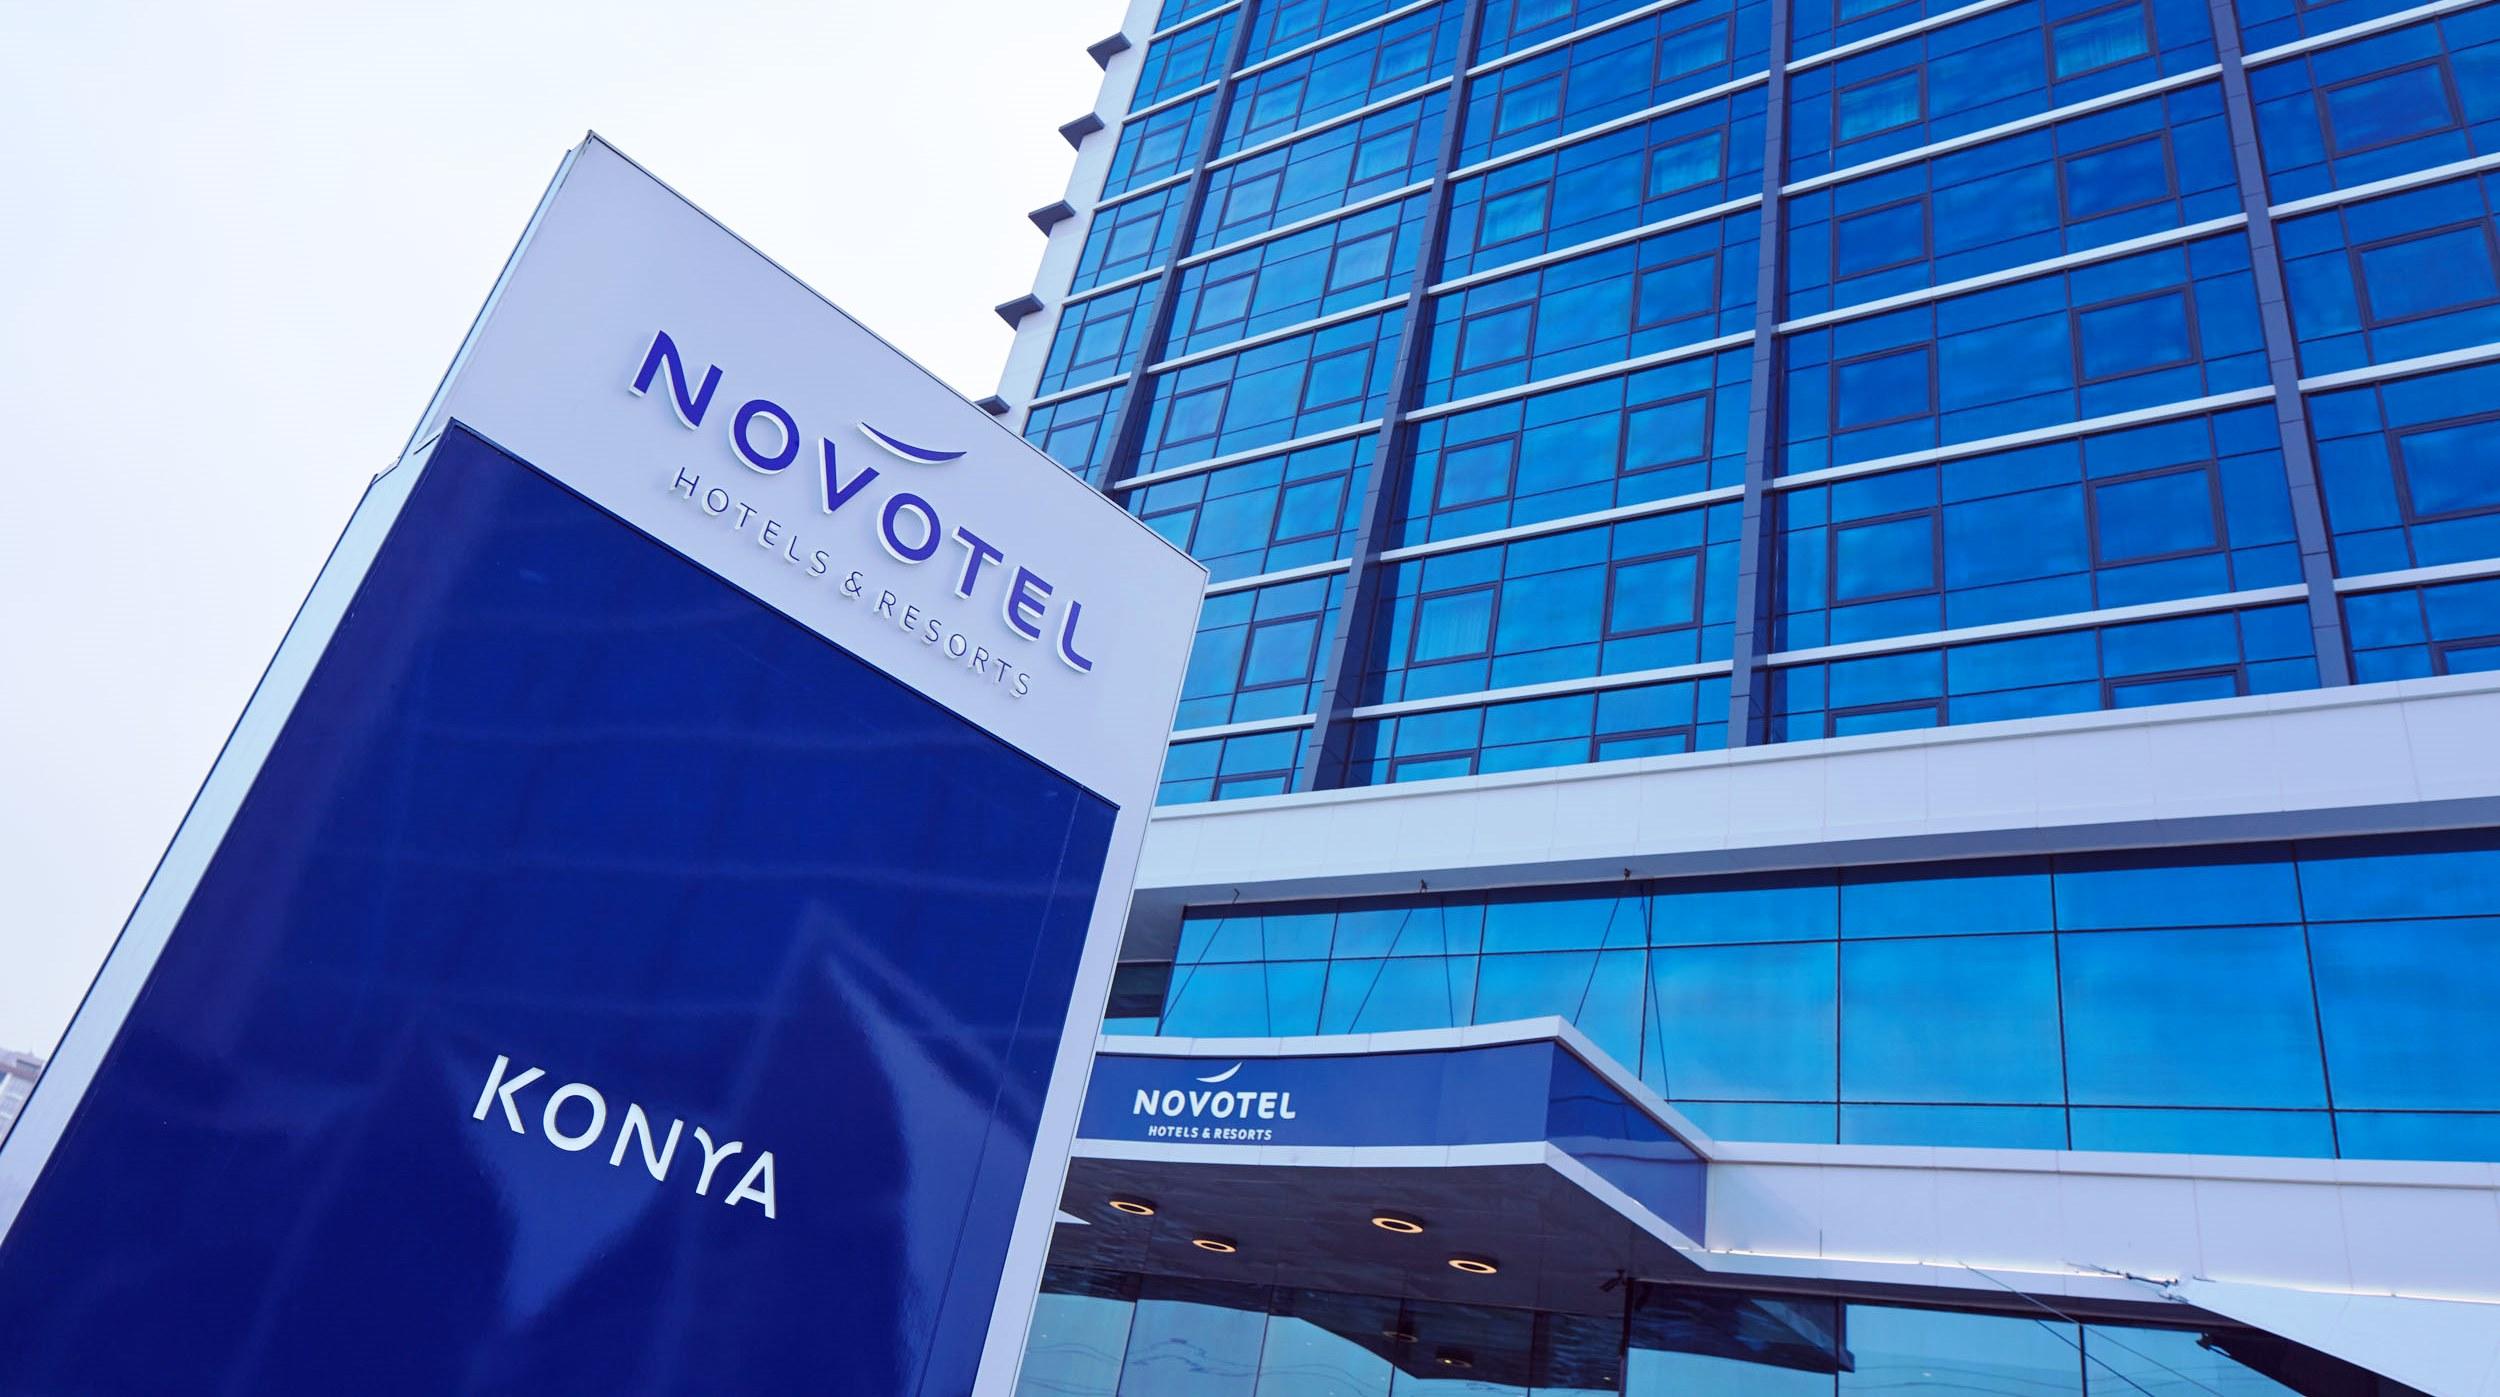 هتلهای قونیه